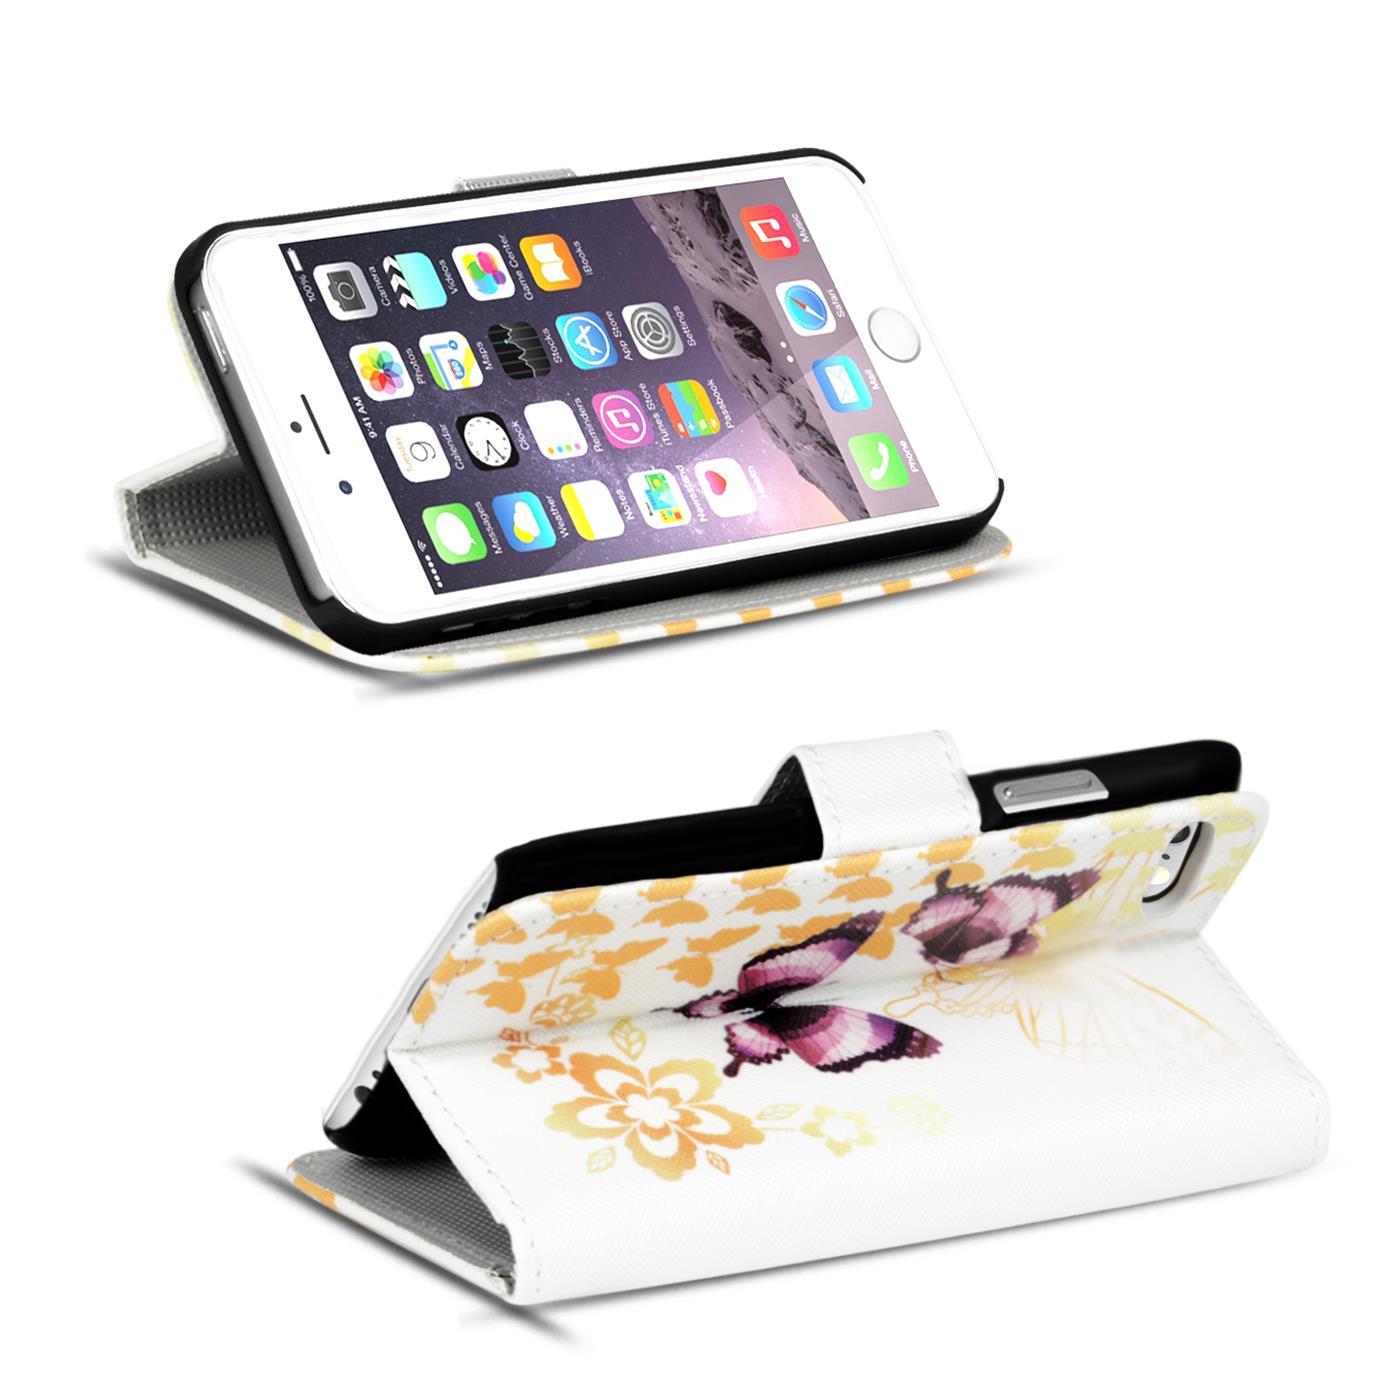 Handy-Huelle-Apple-iPhone-8-Plus-Flip-Cover-Case-Schutz-Tasche-Etui-Motiv-Wallet Indexbild 42